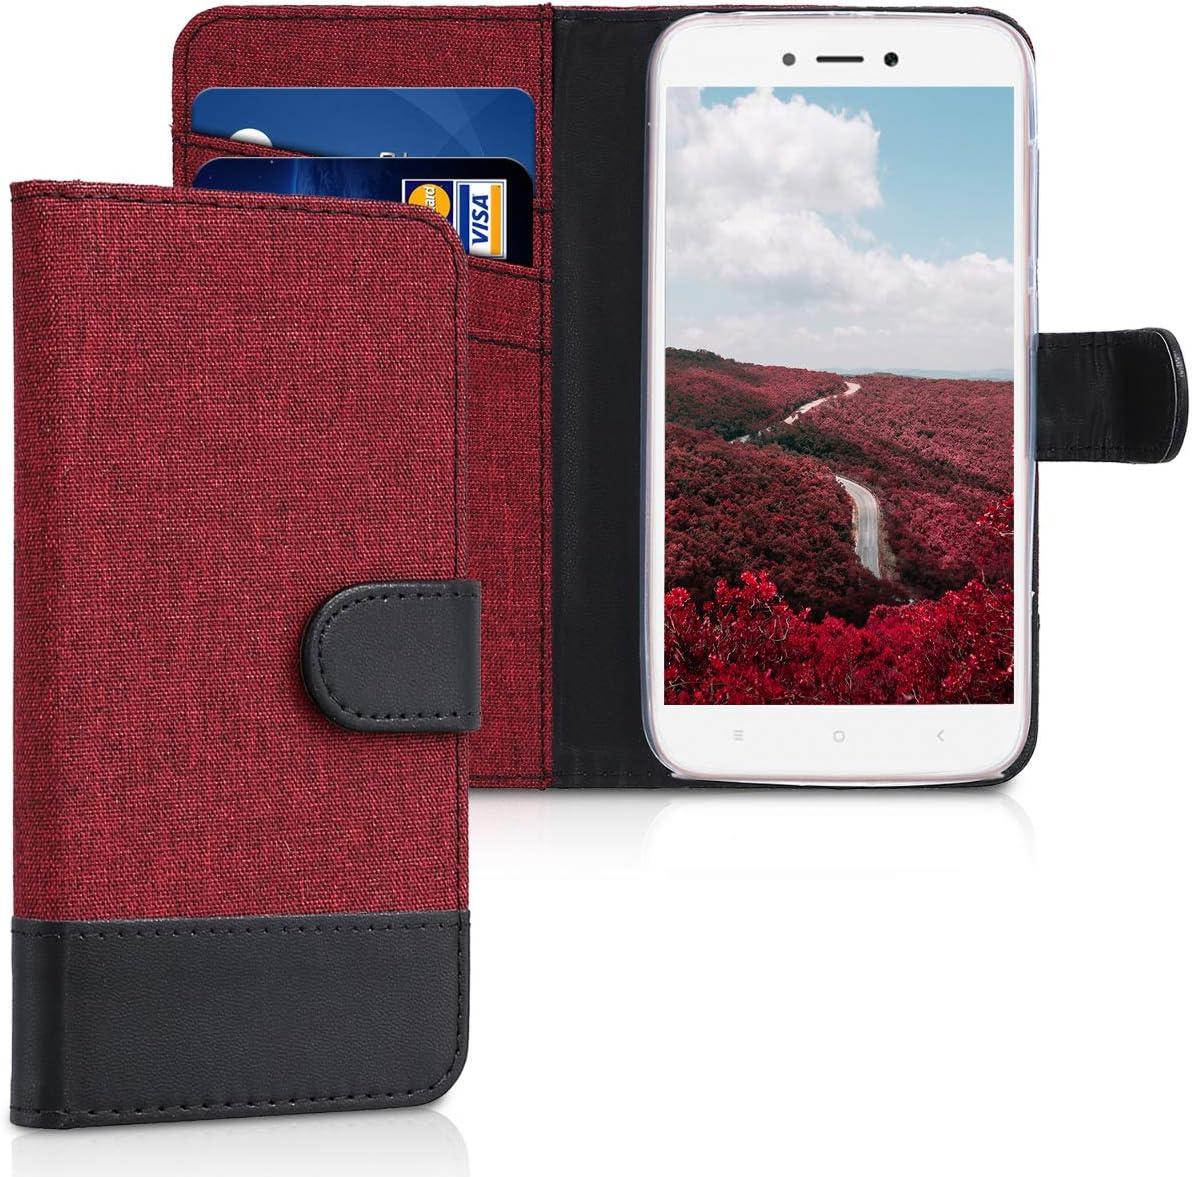 kwmobile Funda Compatible con Xiaomi Redmi 5A - Carcasa de Tela y Cuero sintético Tarjetero Rojo Oscuro/Negro